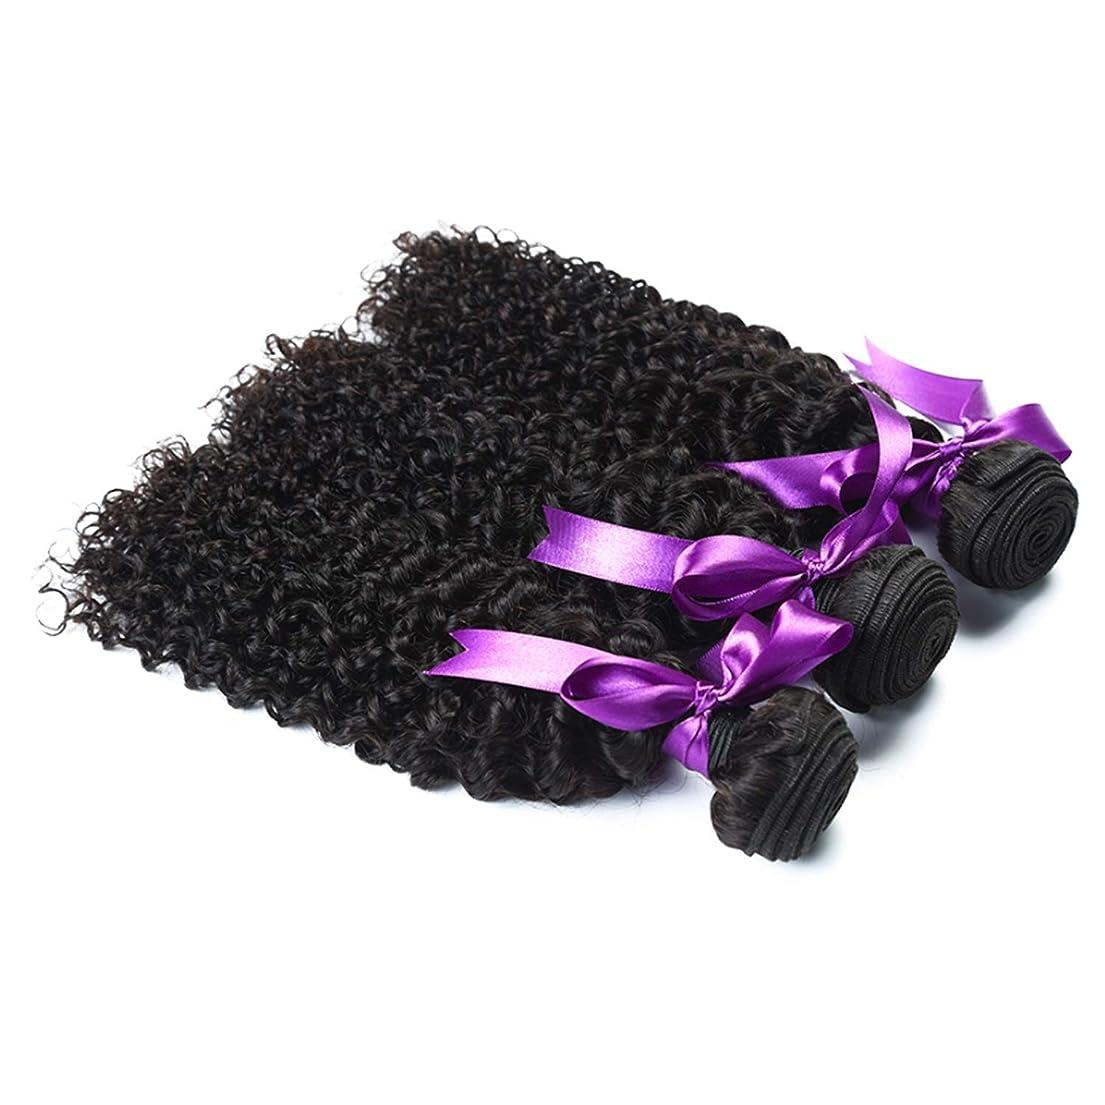 相互接続郵便番号近くかつら マレーシアの変態巻き毛3束お得な価格非Remy人間の髪織りエクステンションナチュラルブラック人間の髪の毛のかつら (Length : 26 26 26)